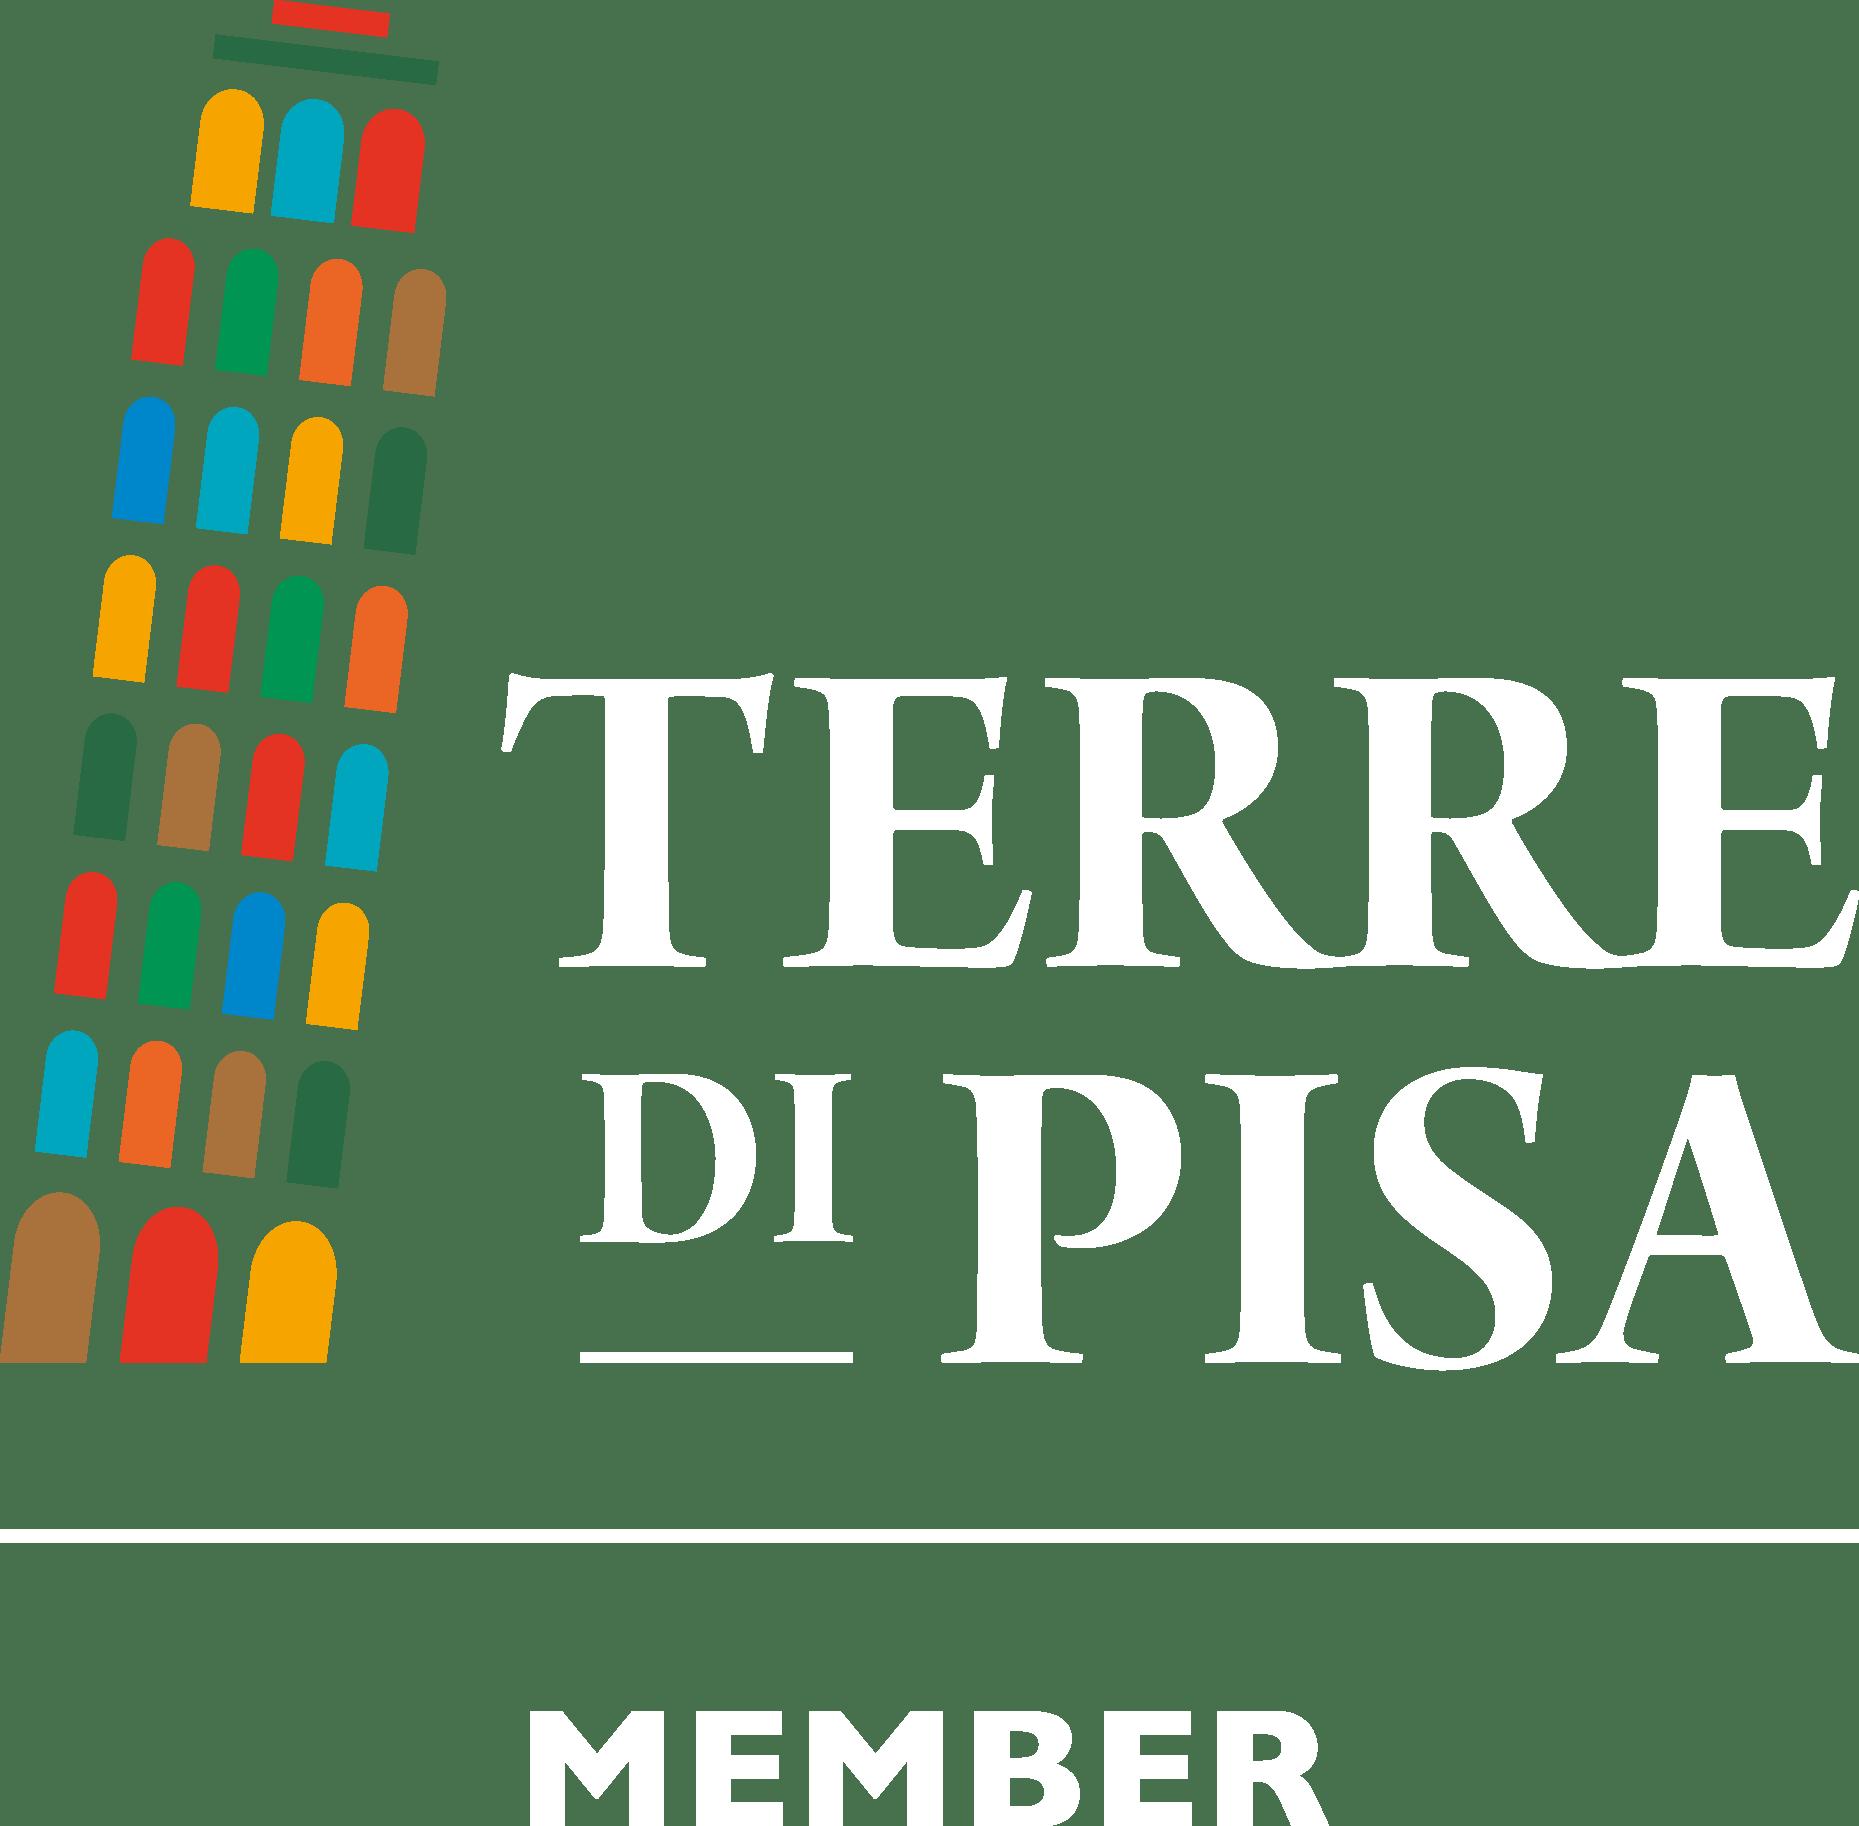 Terra di Pisa